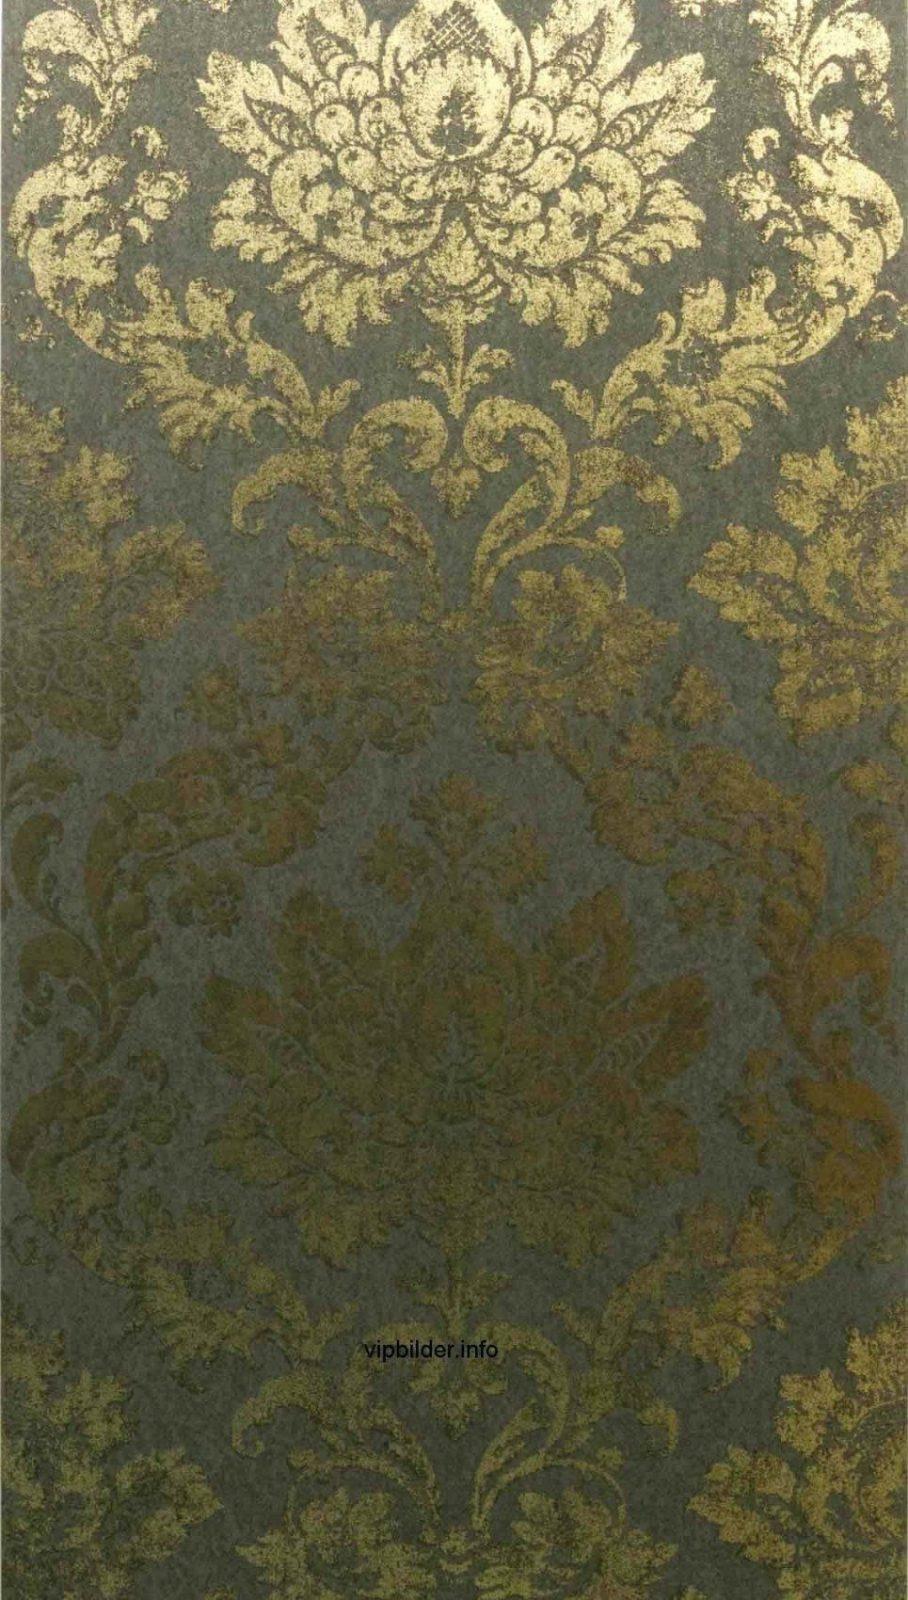 New Barock Tapeten Neo Tapete Gold Metallic Online Kaufen Weiss von Barock Tapete Weiß Gold Bild